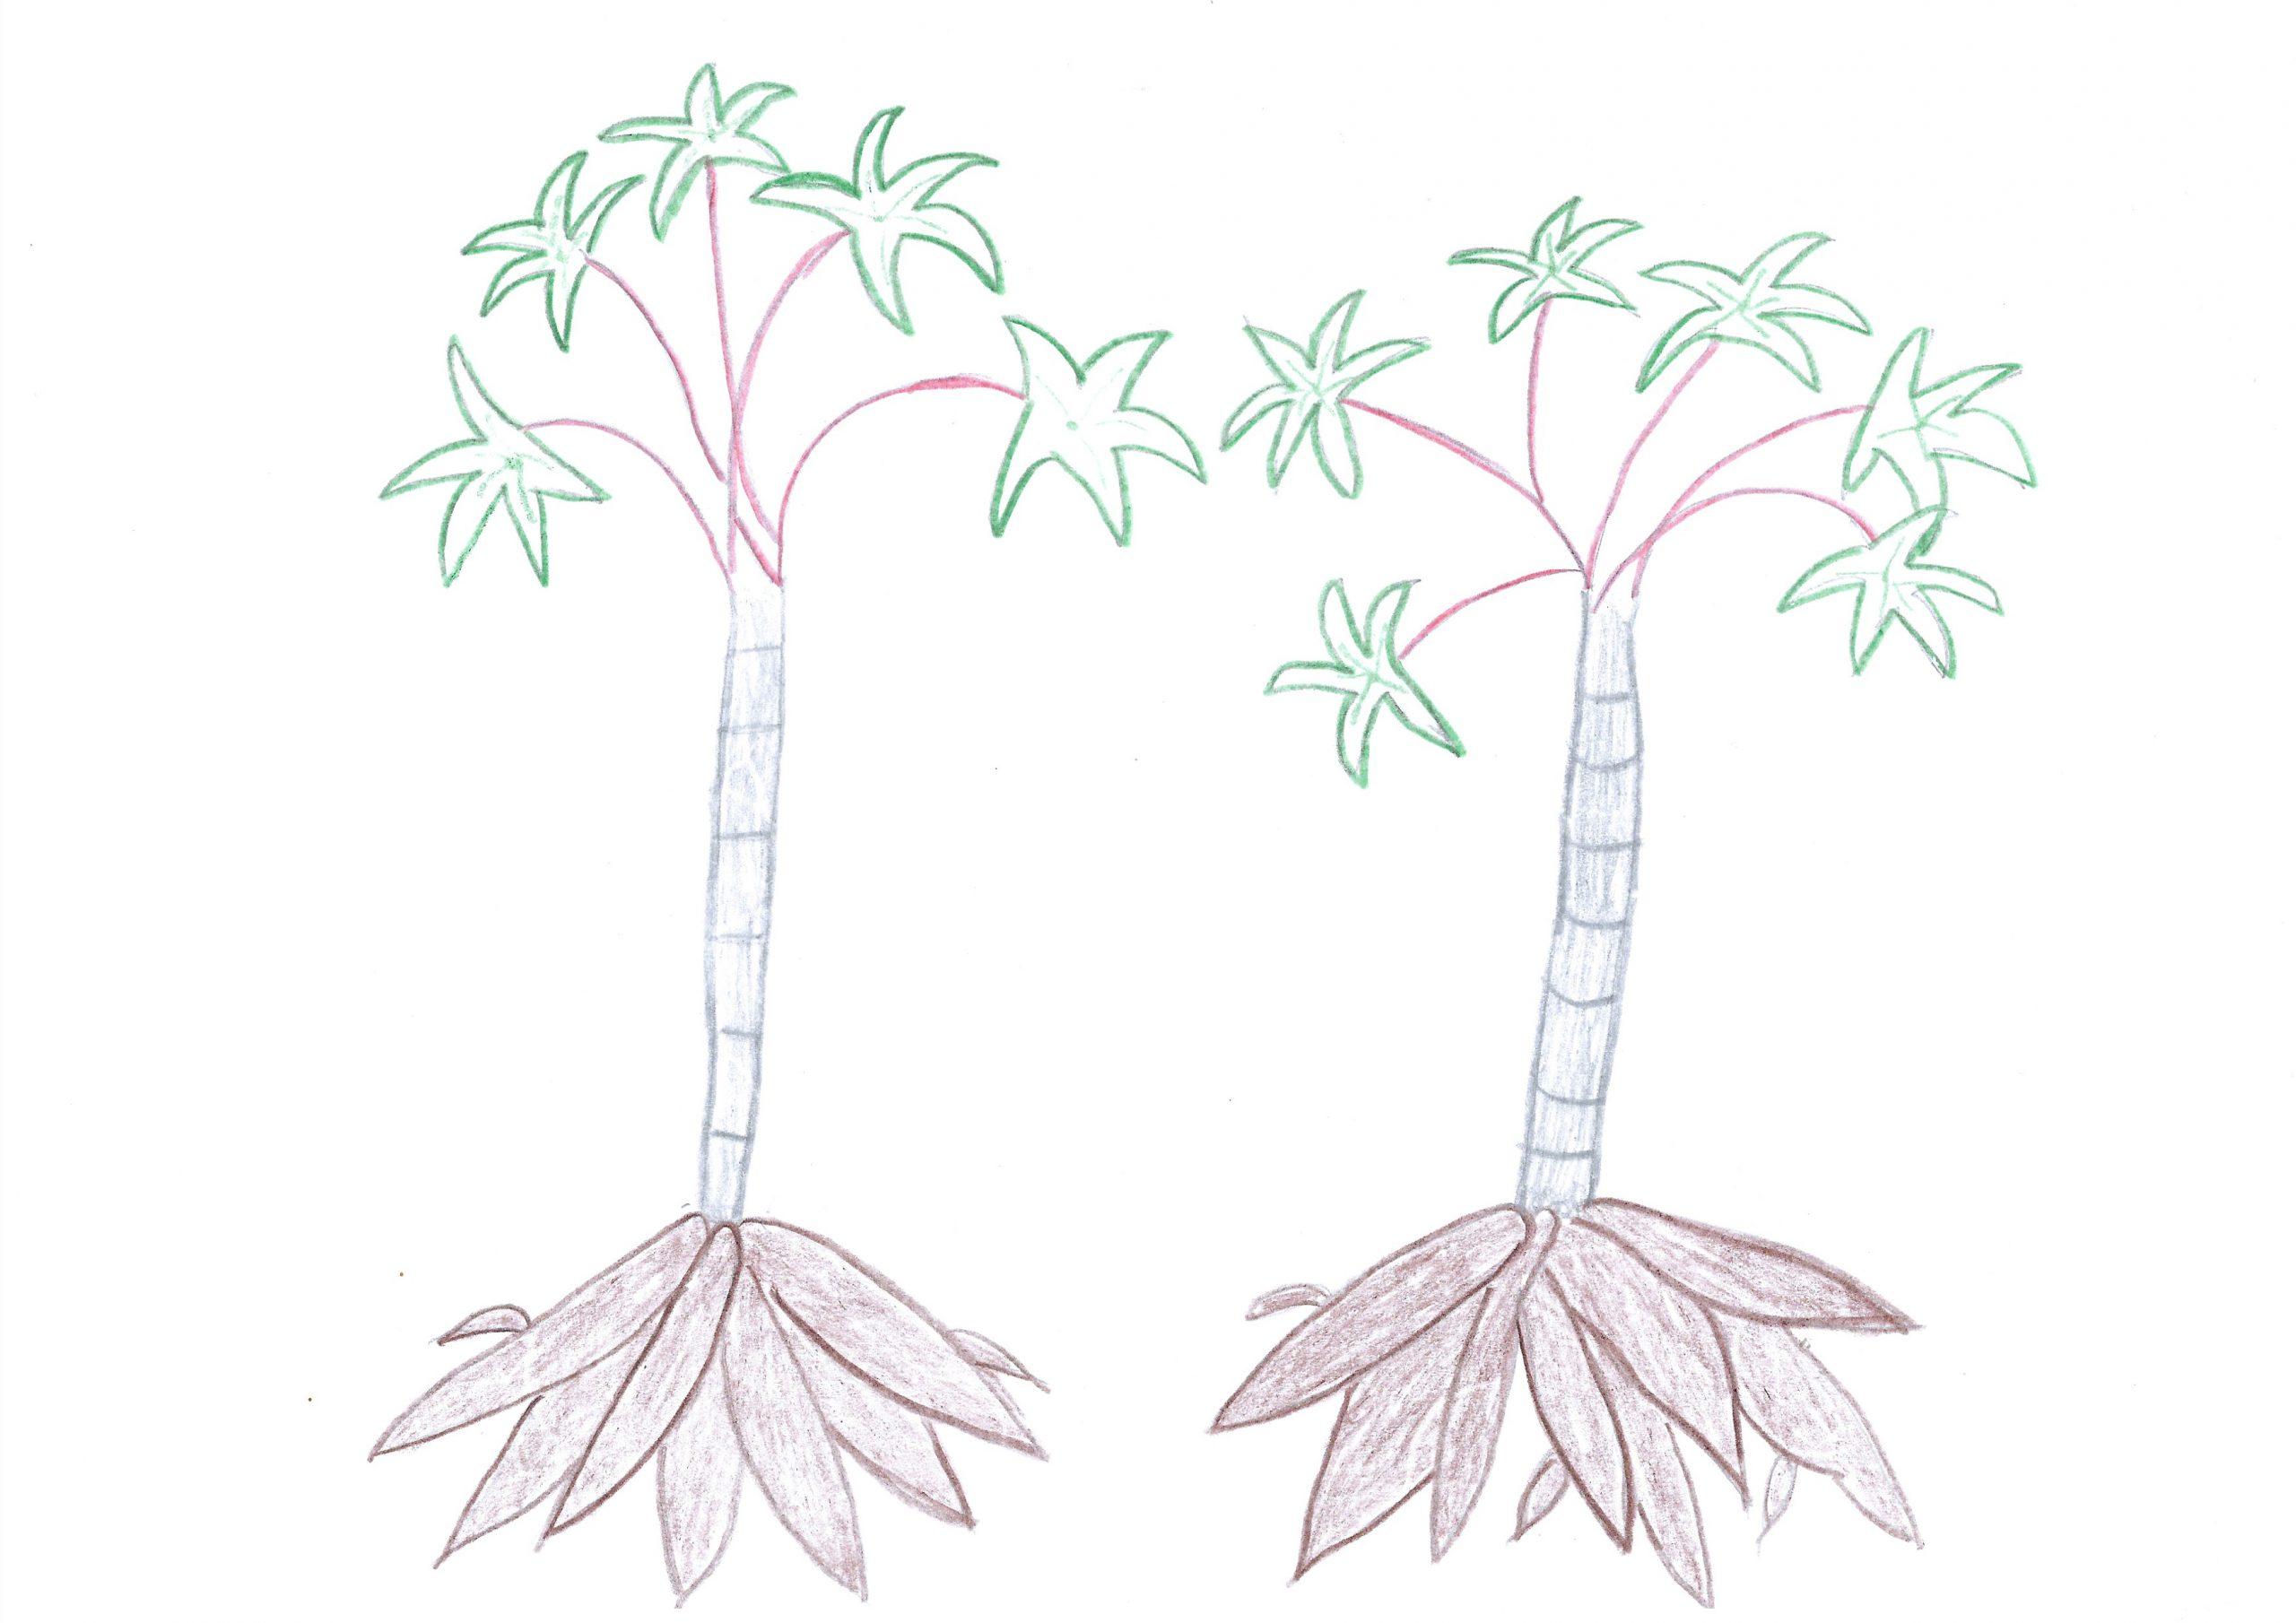 Mandi'o — The yucca